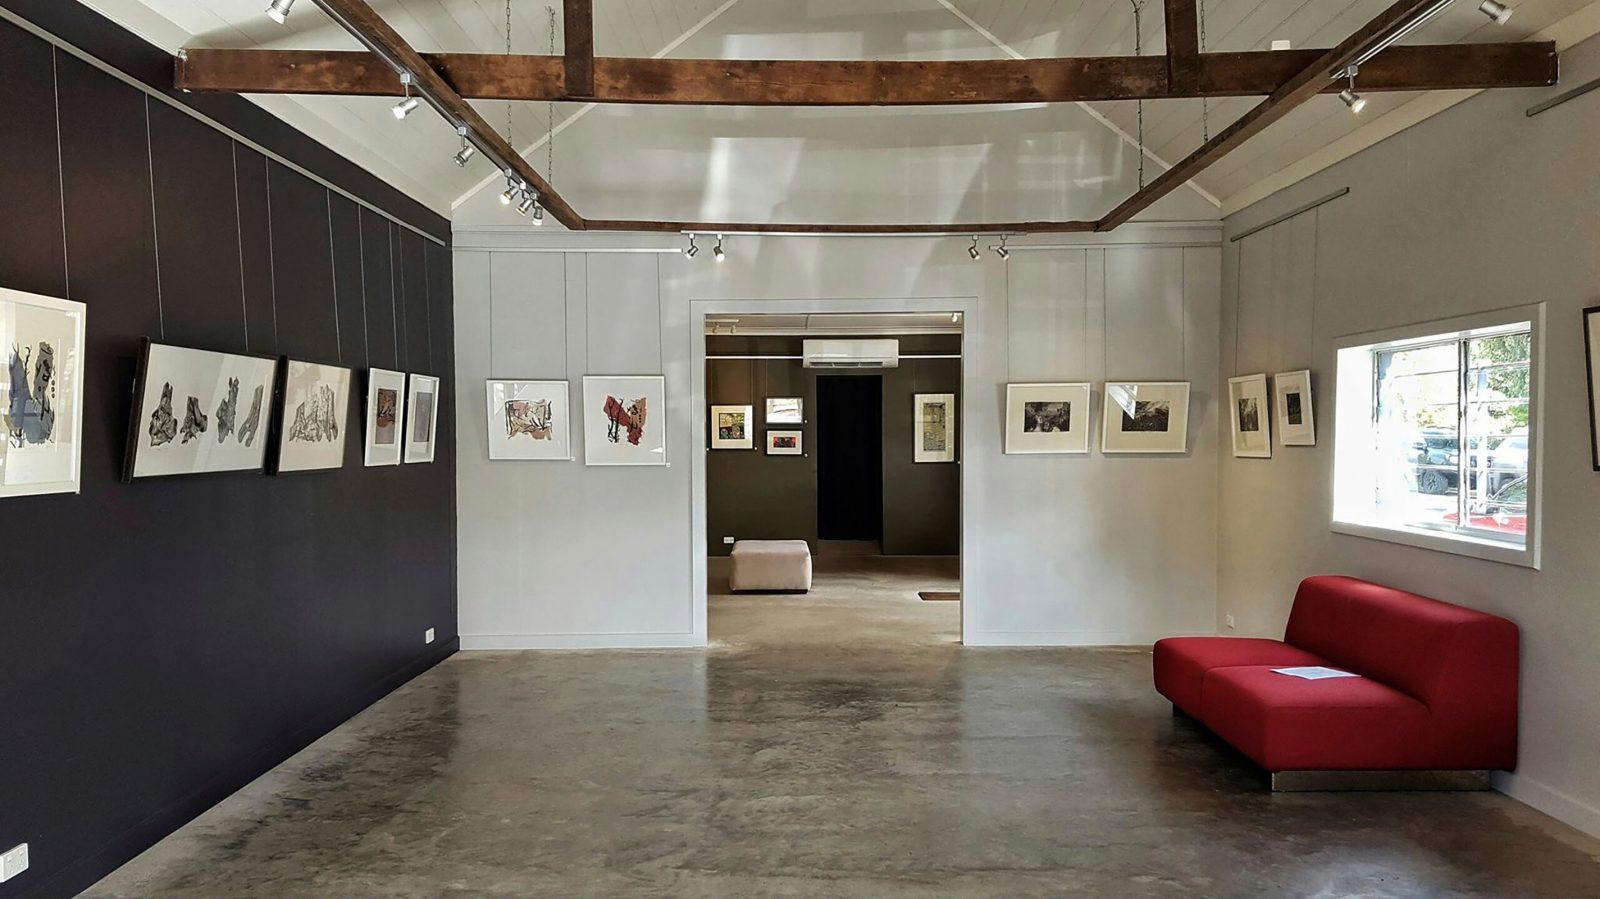 Briagolong Art Gallery interior North Gallery